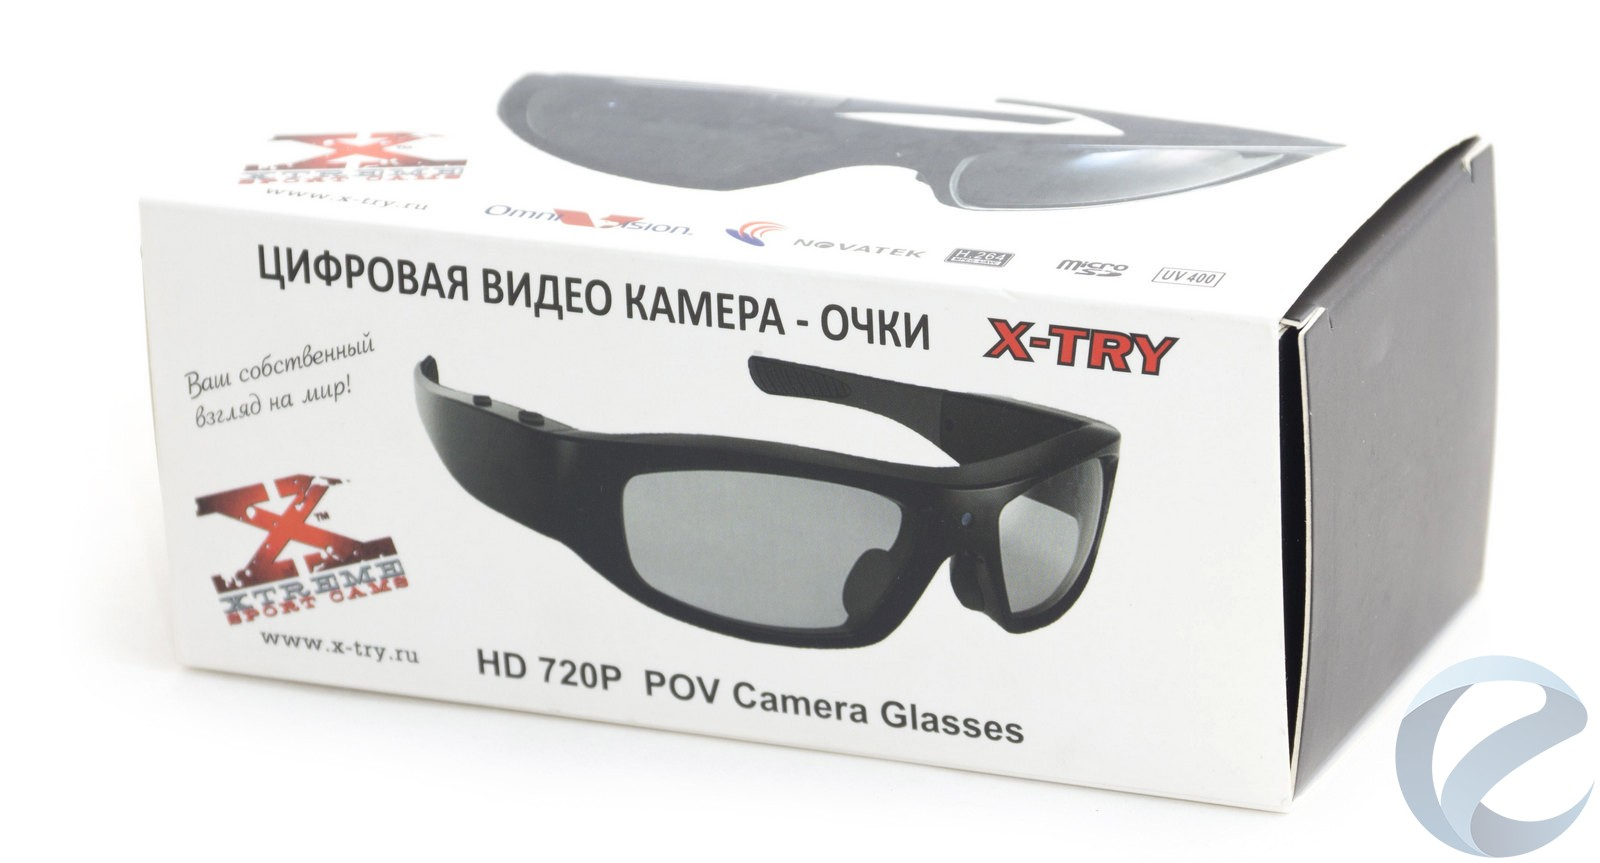 Обзор очков со встроенной видеокамерой x-try xtg100 hd original